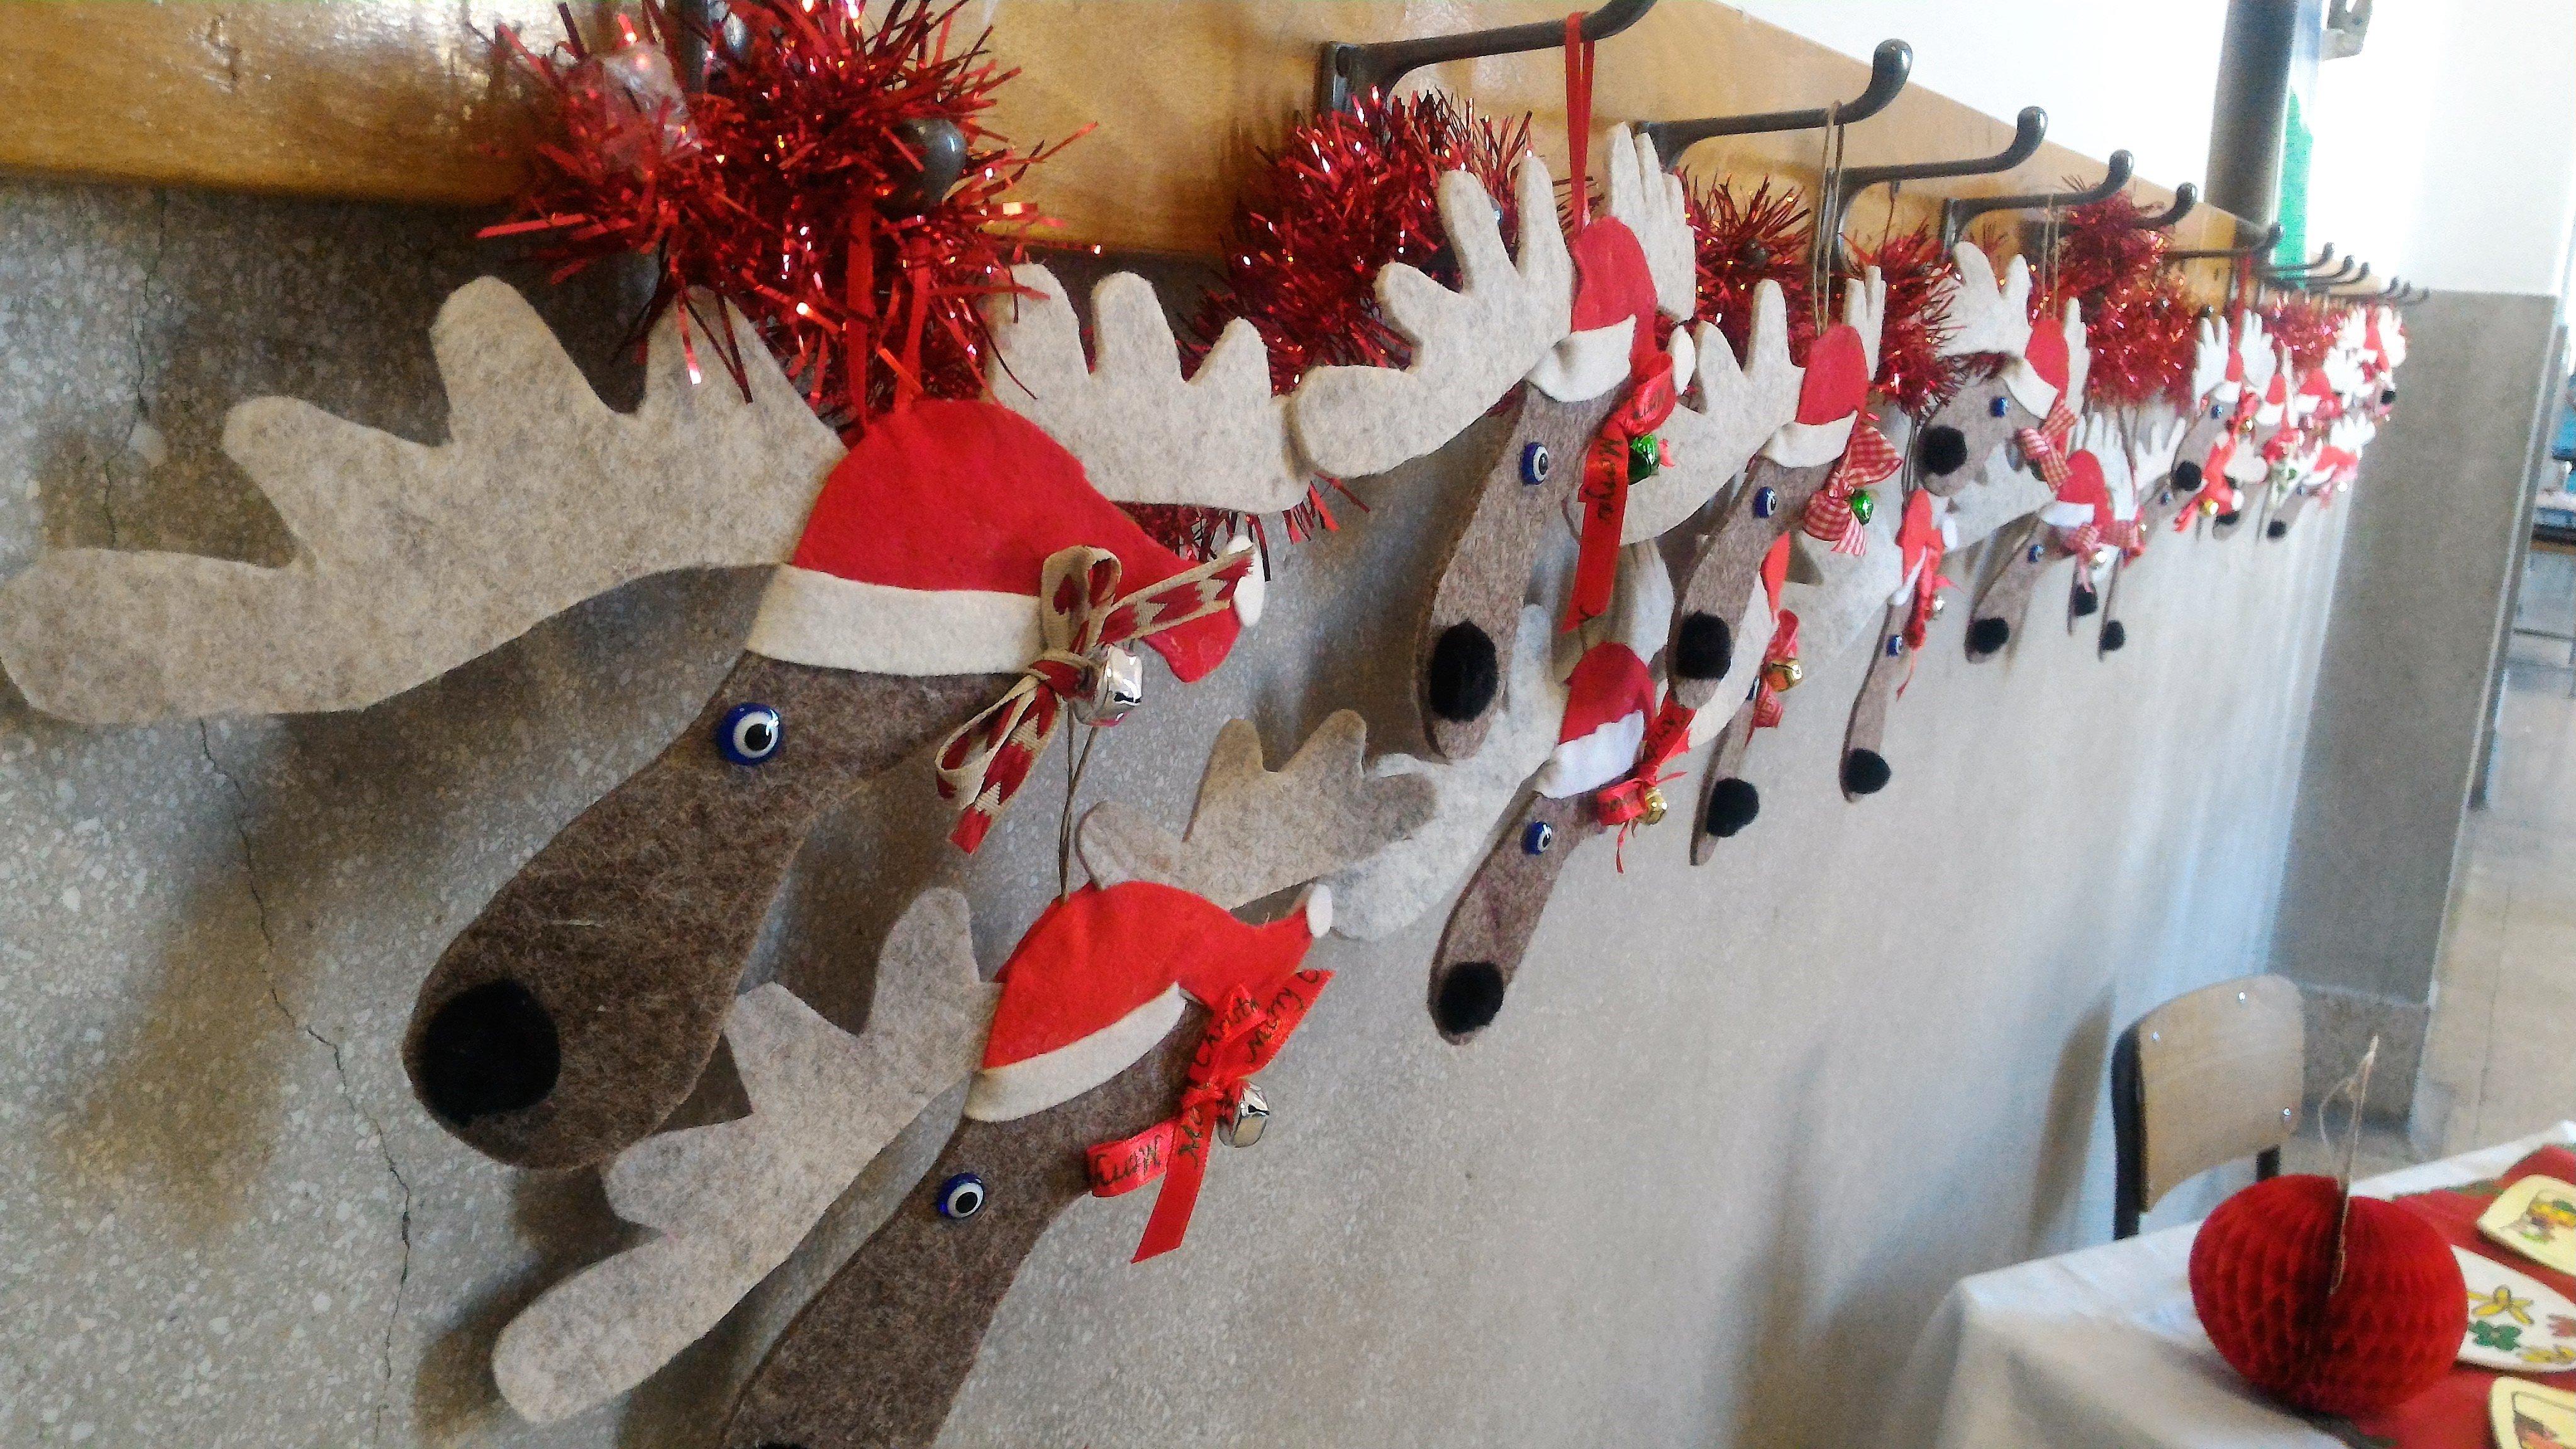 Decorare Finestre Per Natale Scuola natale a scuola, mercatino solidale alla rossetti: il